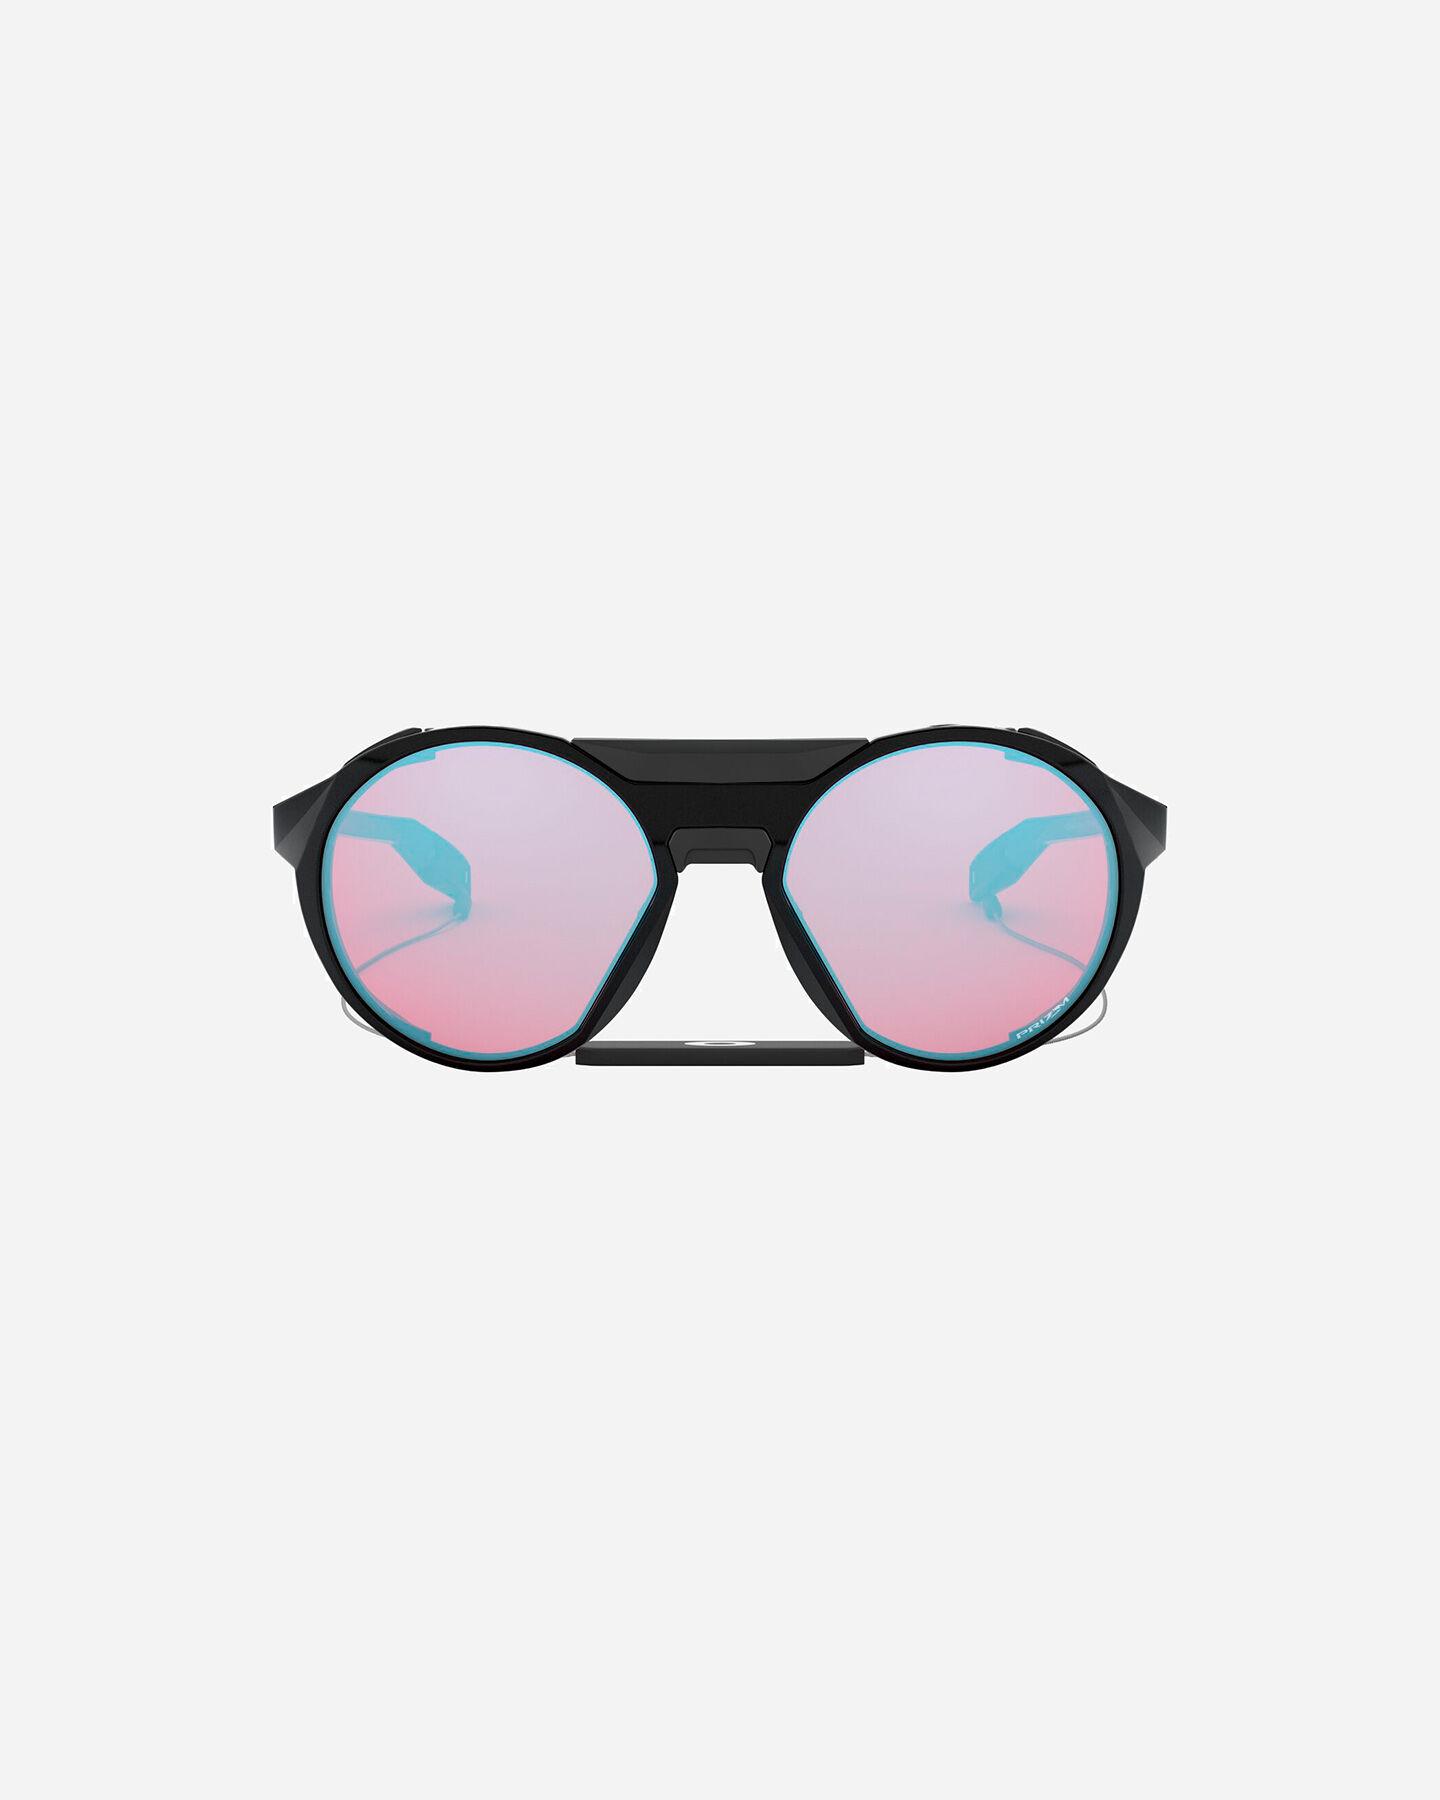 Occhiali OAKLEY CLIFDEN S5221233|0256|56 scatto 1